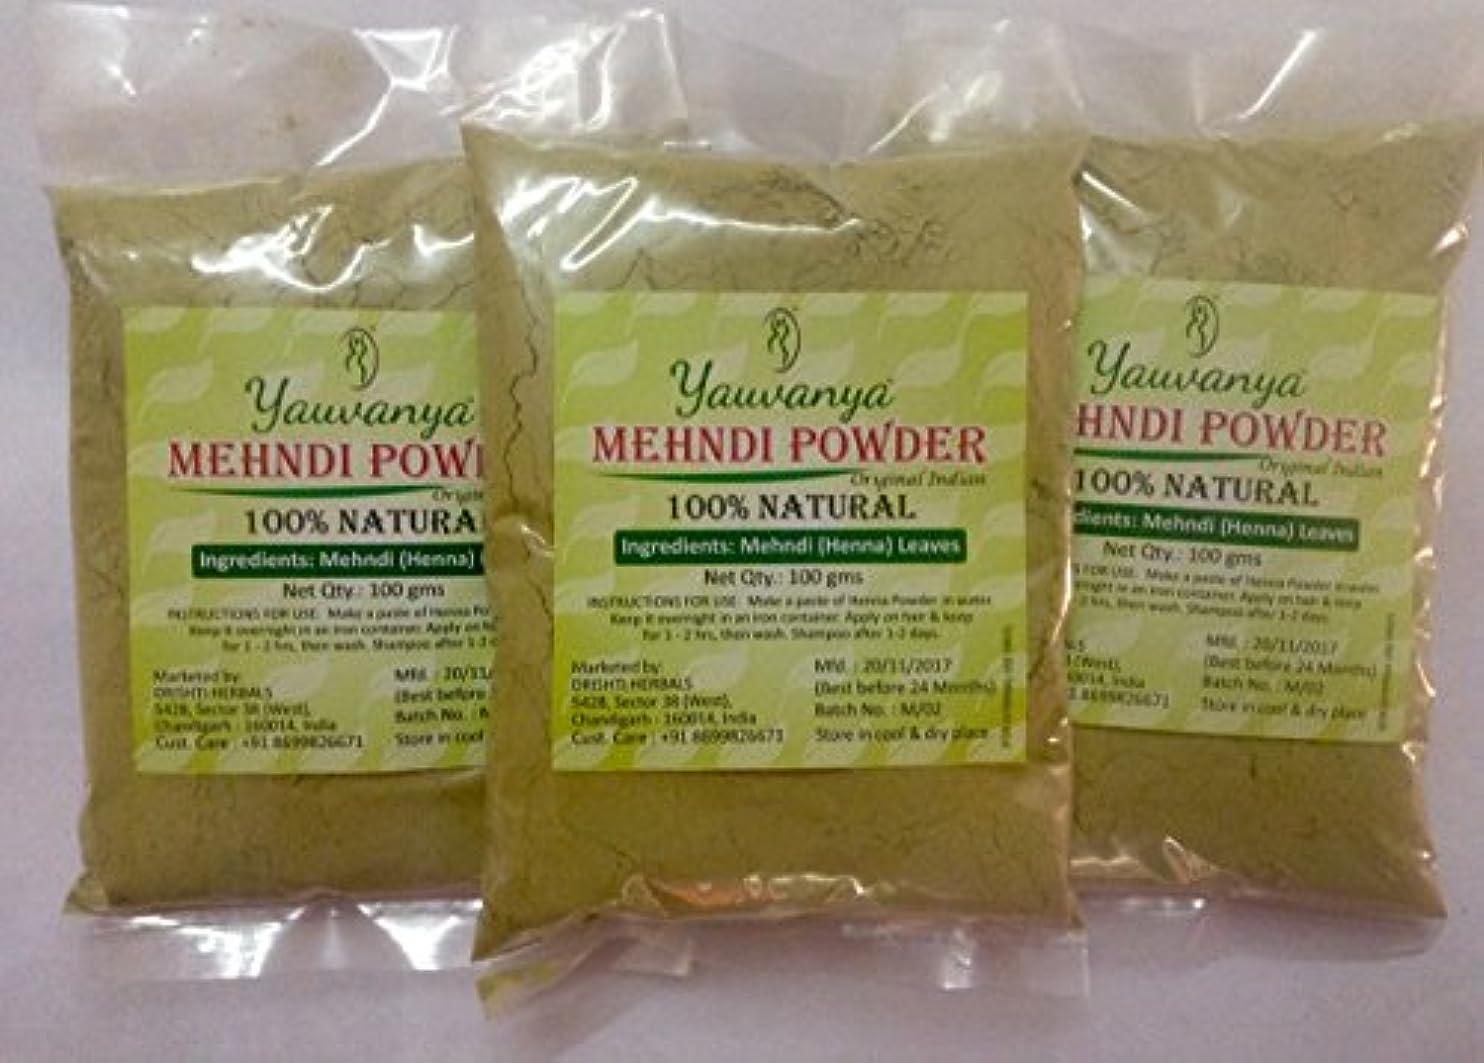 ゲージくマエストロYauvanyaオリジナルインディアンピュア&ナチュラルヘナ(Mehndi)for Hair - 3X100 gms (Yauvanya Original Indian Pure and Natural Henna (Mehndi...